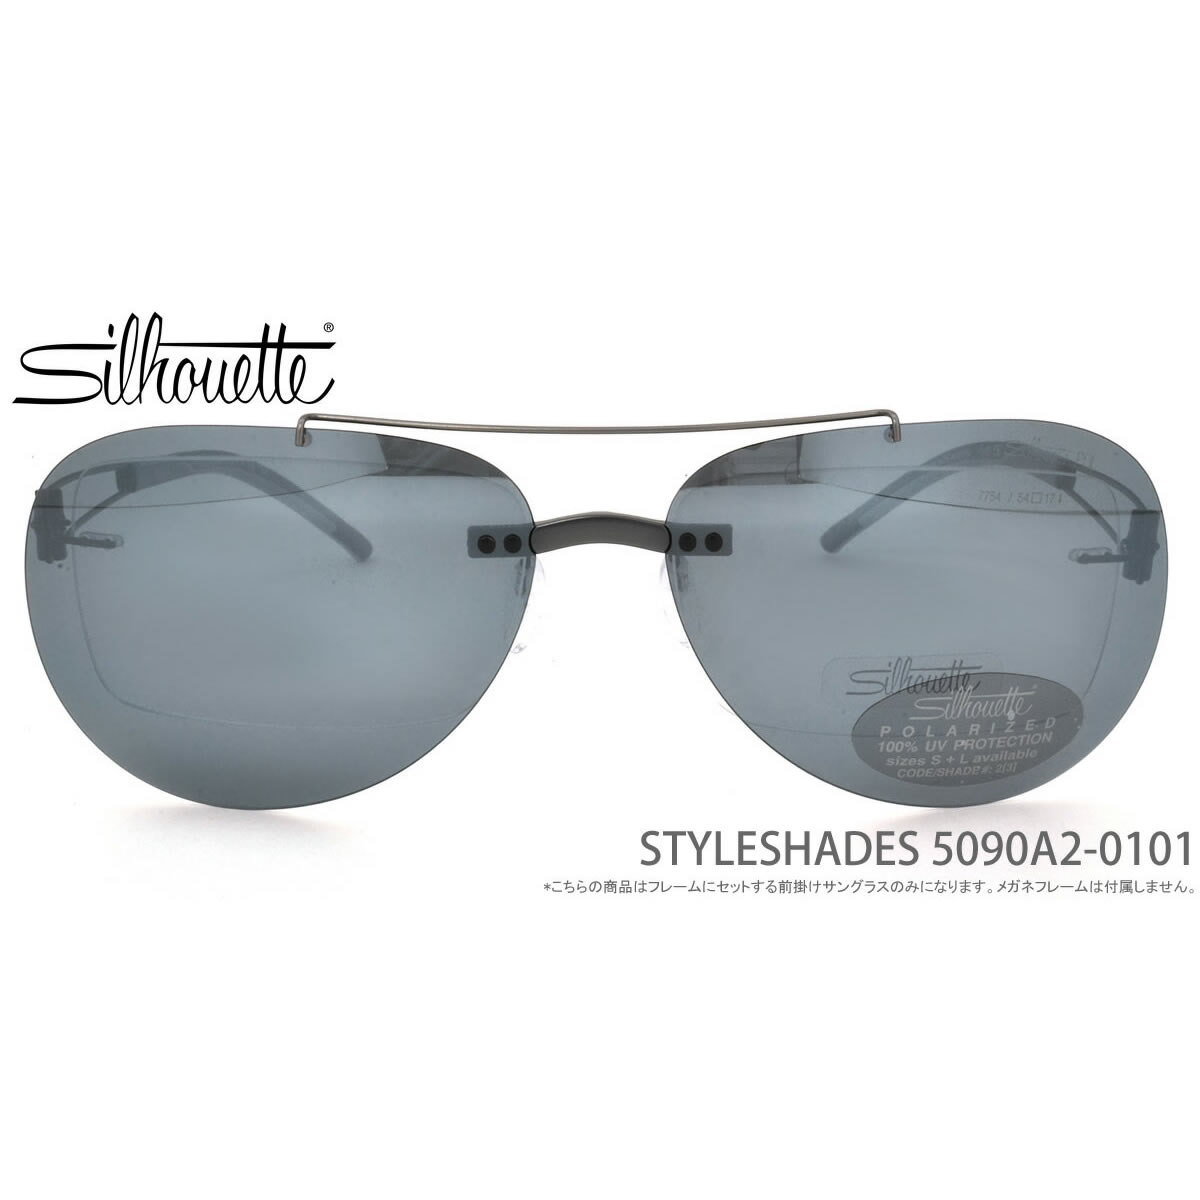 シルエット サングラス 前掛けサングラス スタイルシェイド スタイルシェイズ 5090/A2 0101 62サイズ Silhouette STYLESHADES メンズ レディース